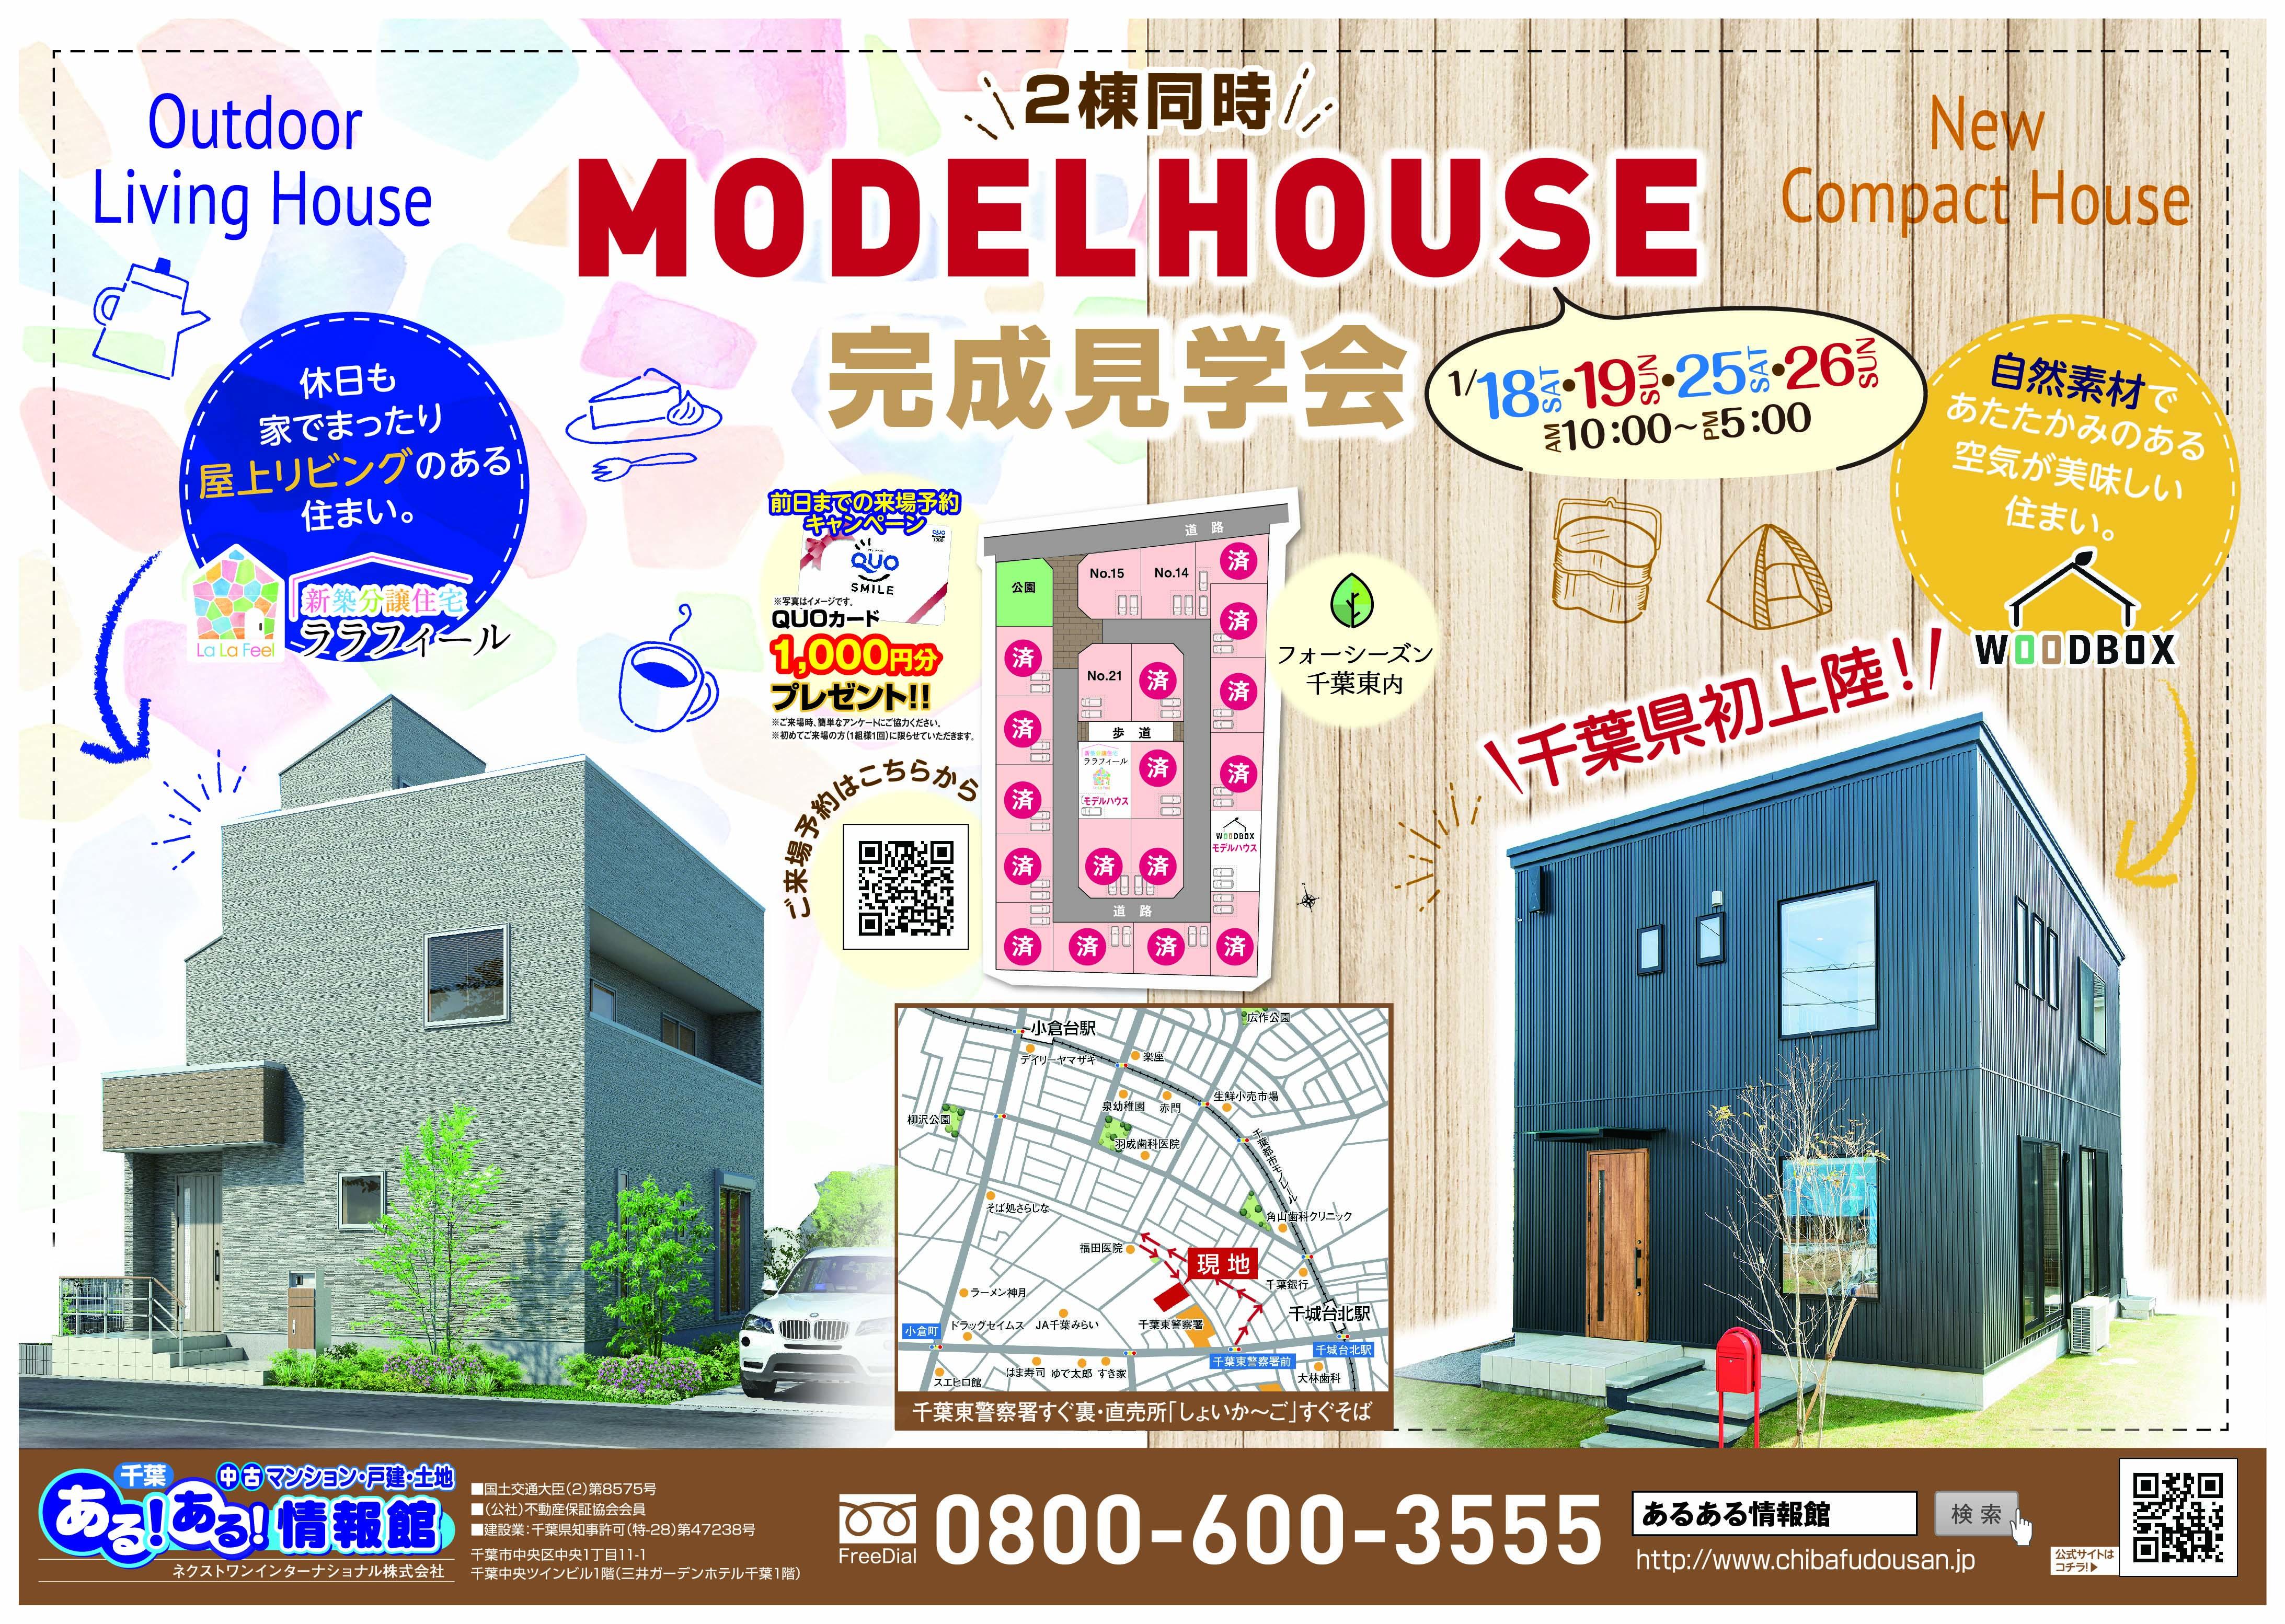 2棟同時MODEL HOUSE完成見学会